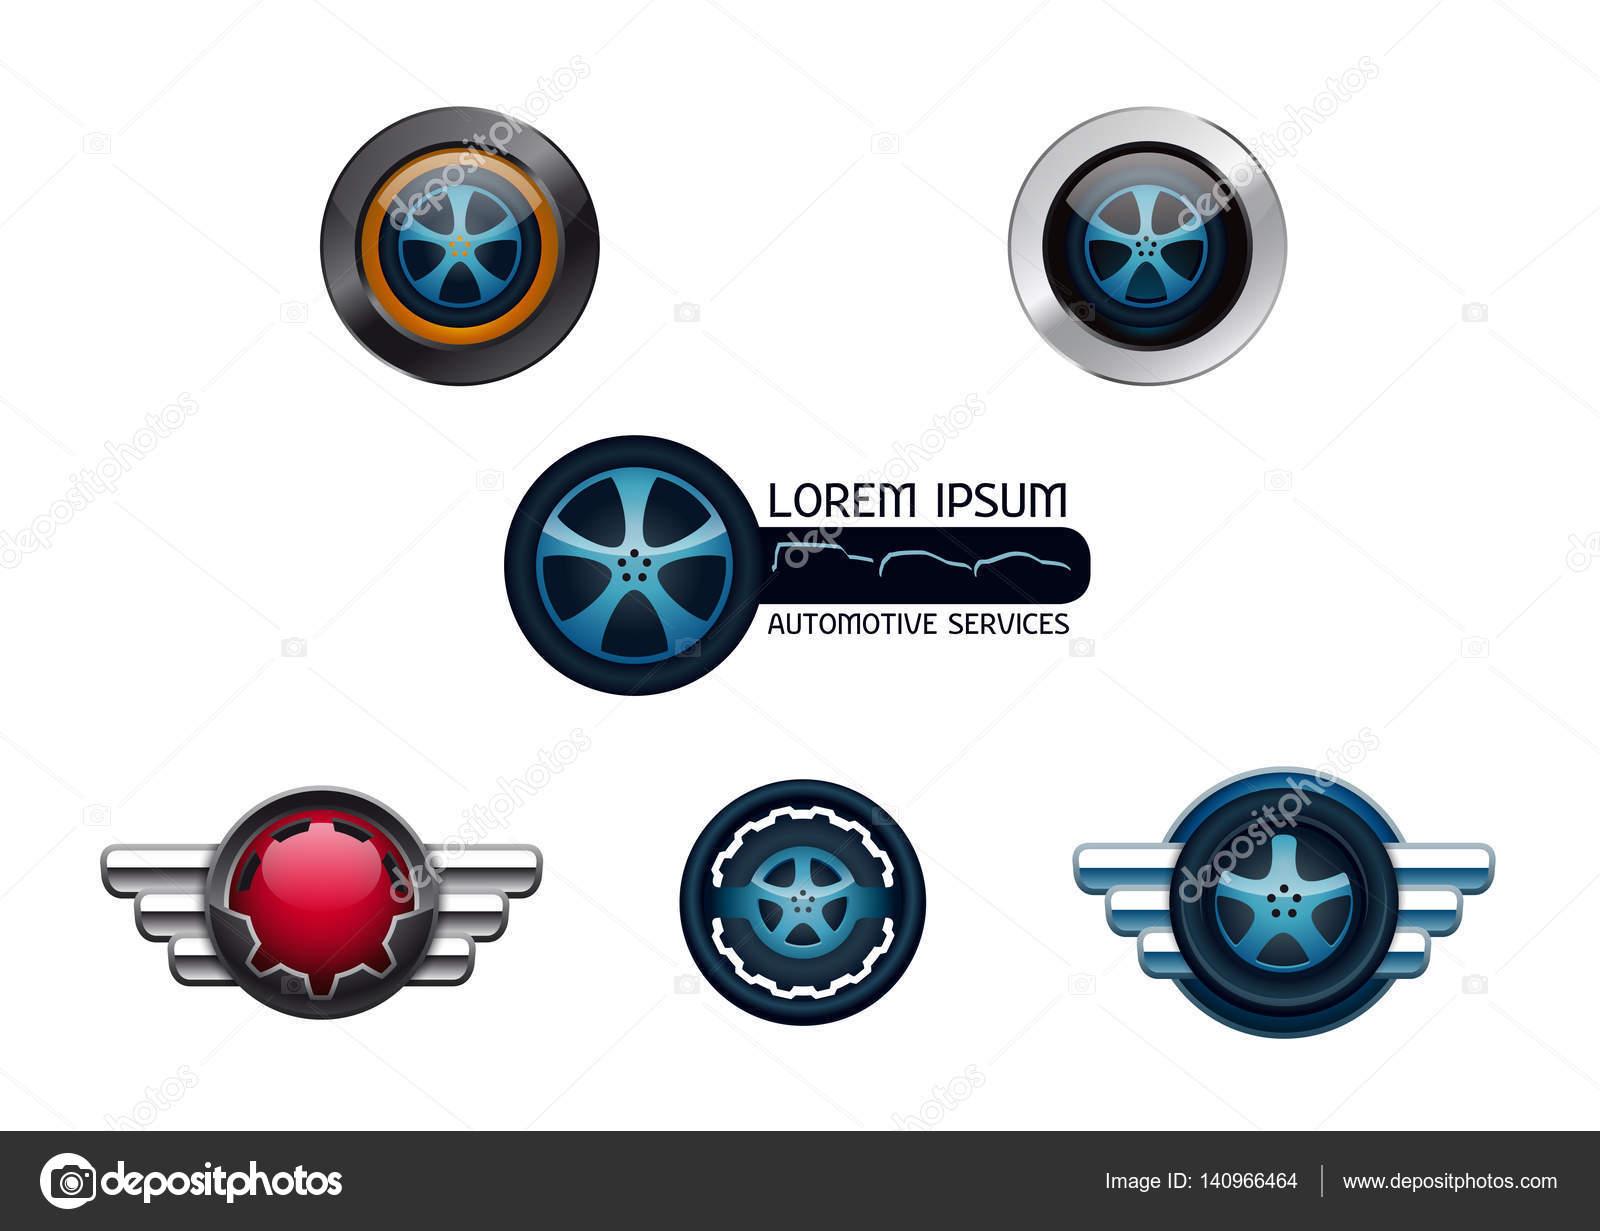 Automotive Car Services Vector Logo Collection Stock Vector